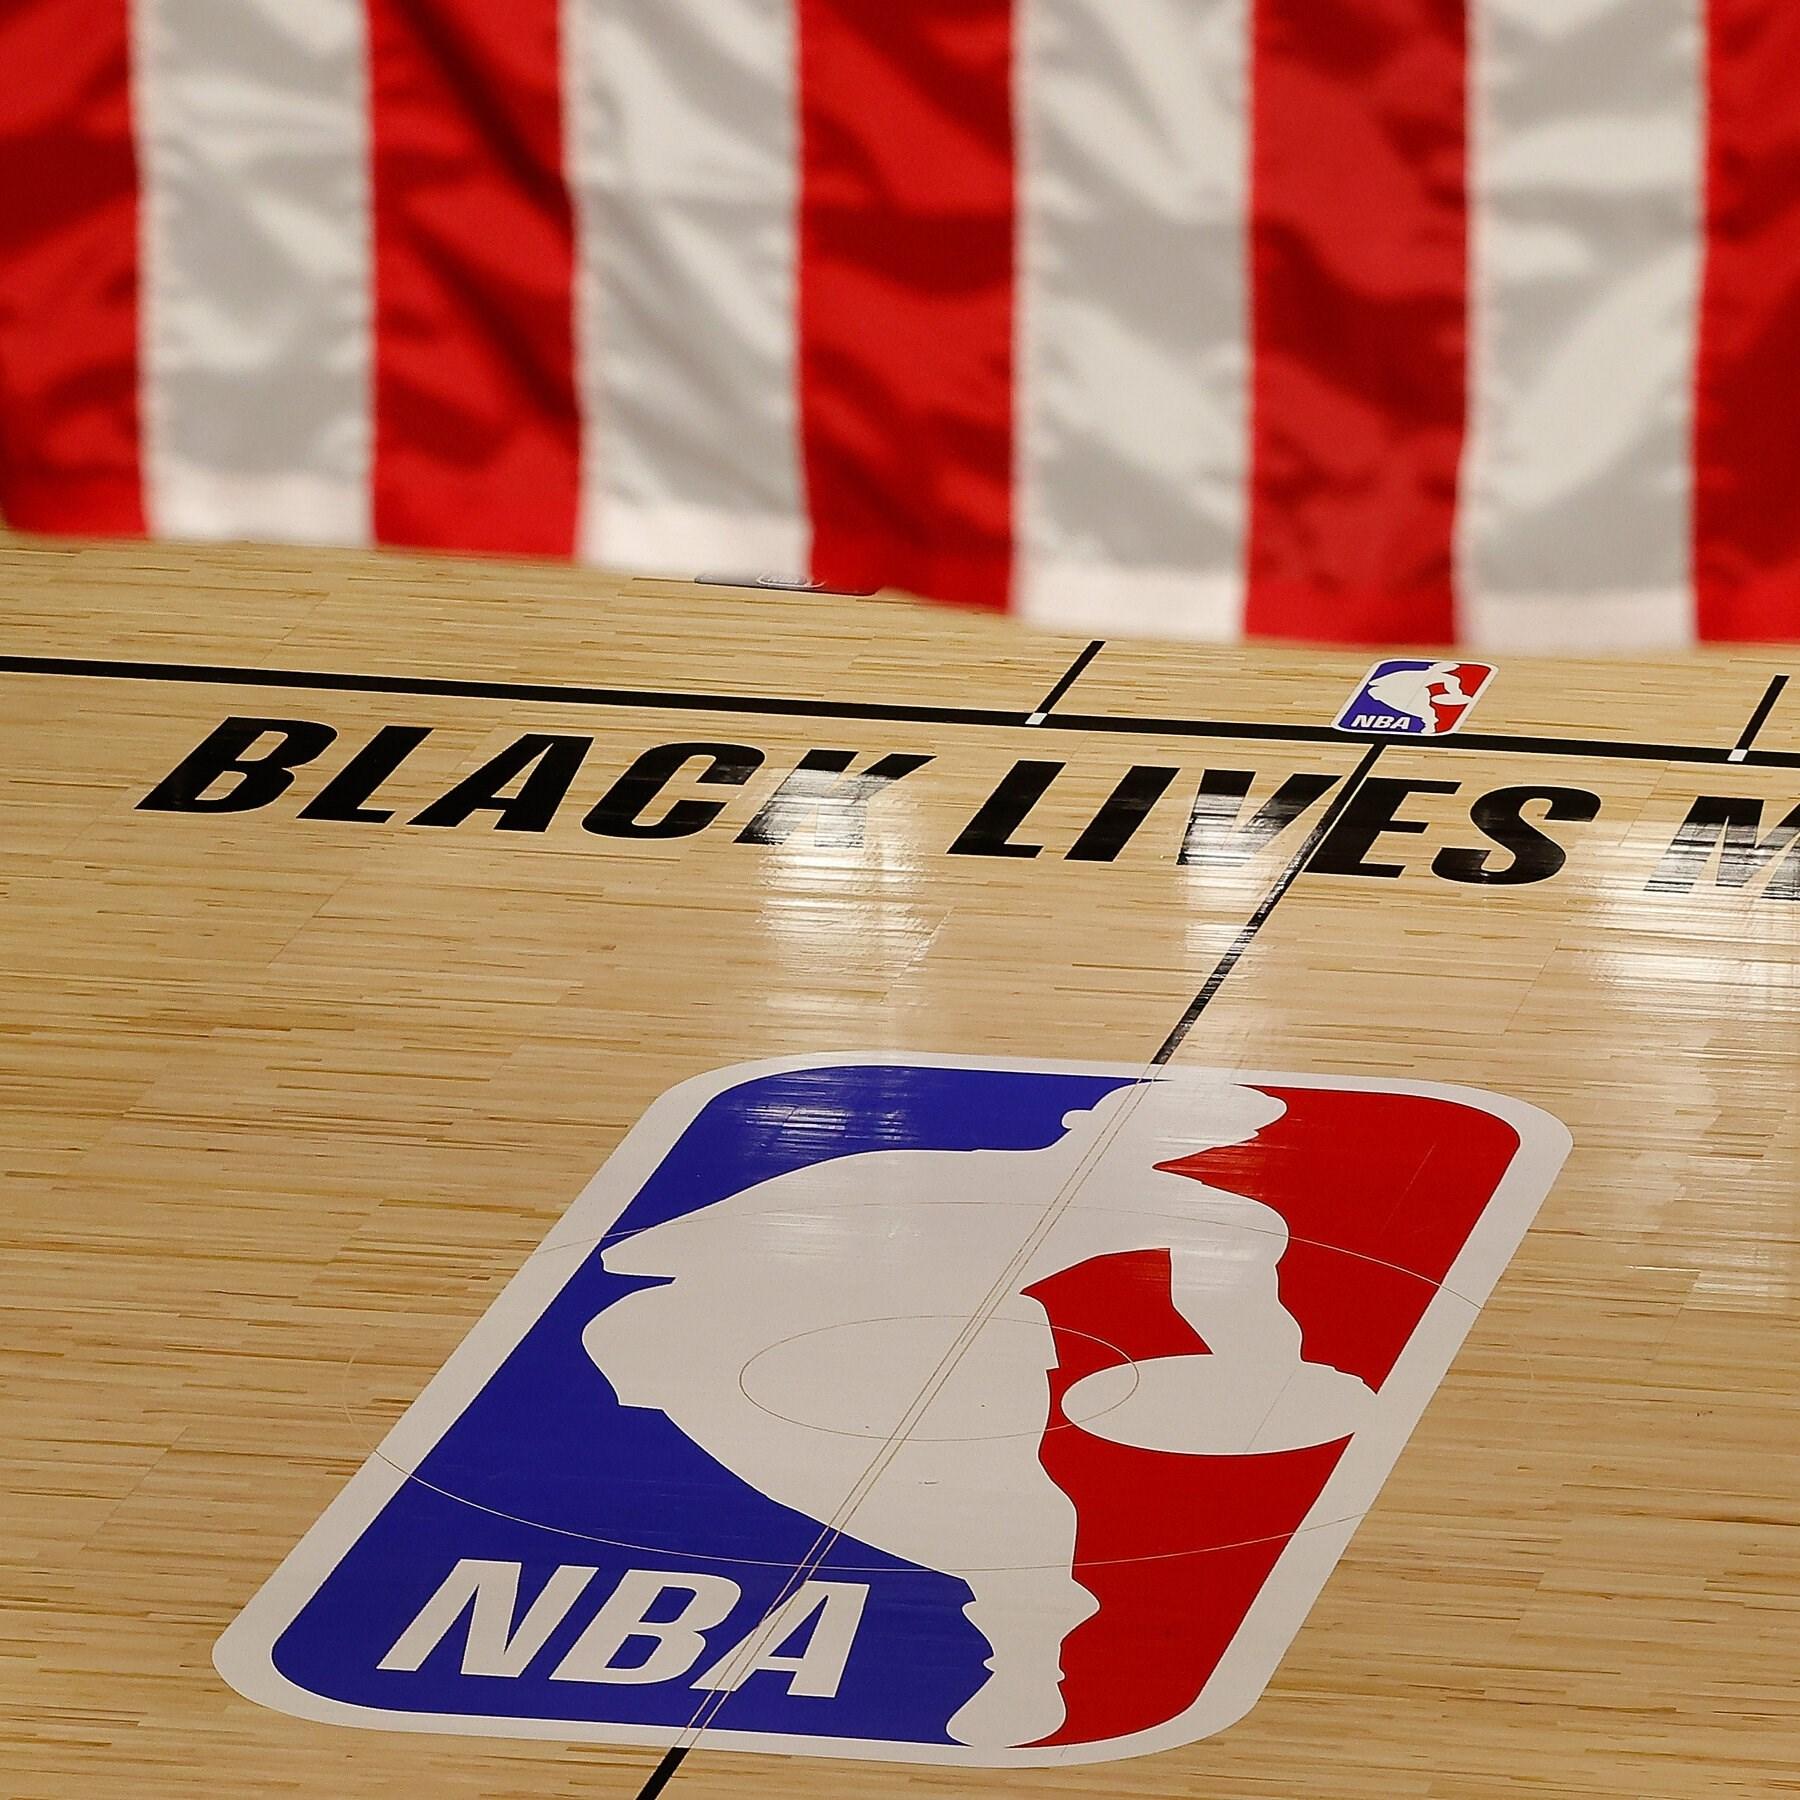 El final se acerca: otro día sin 'magia' en los playoffs de la NBA